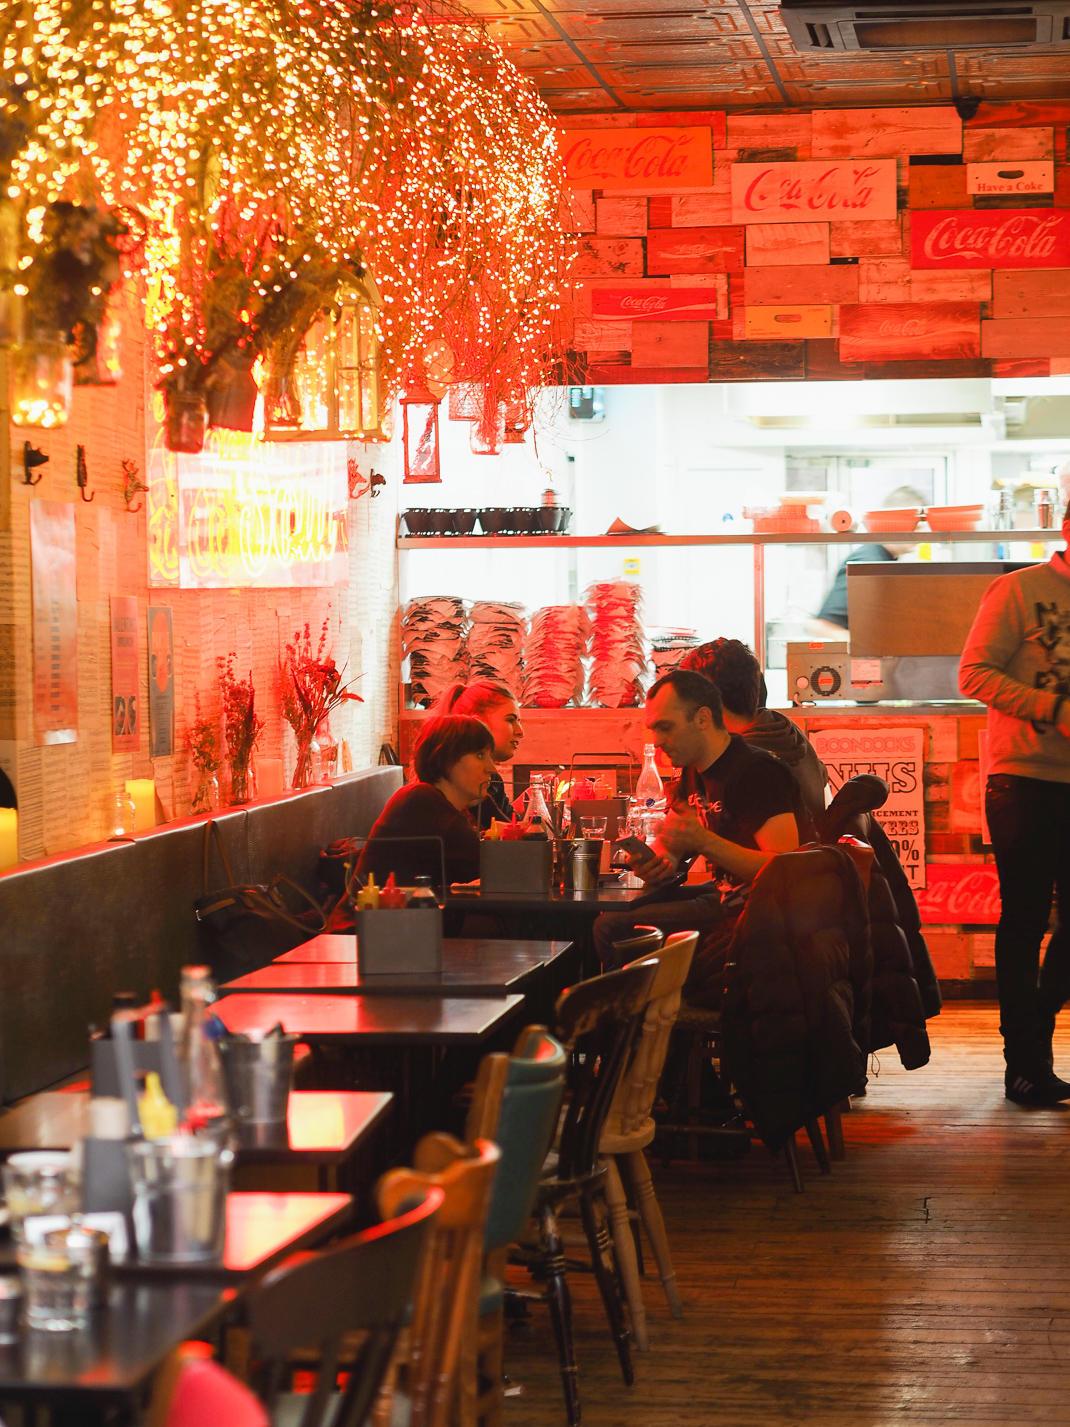 Boondocks restaurant interior